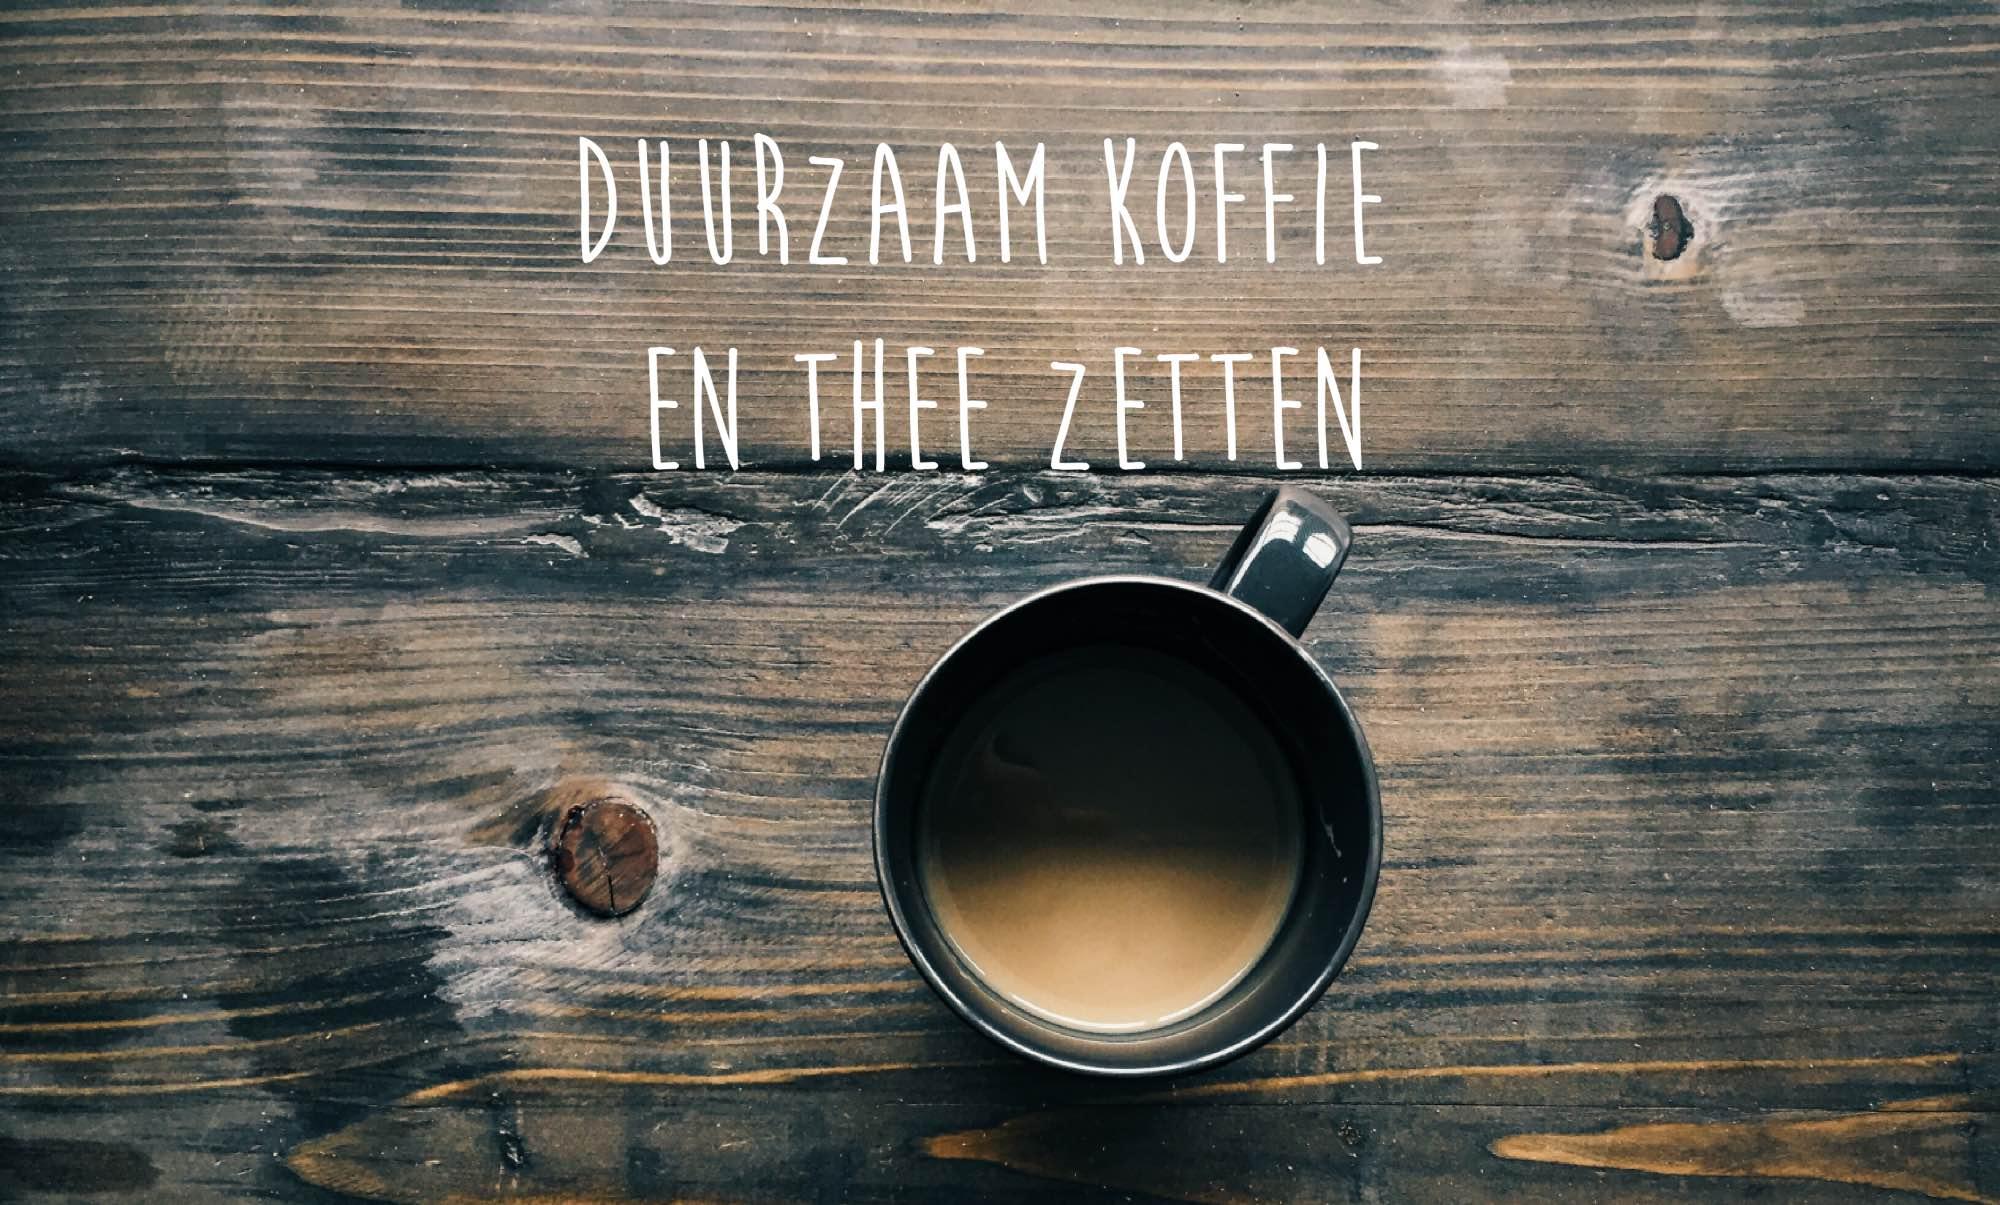 Duurzaam koffie en thee zetten